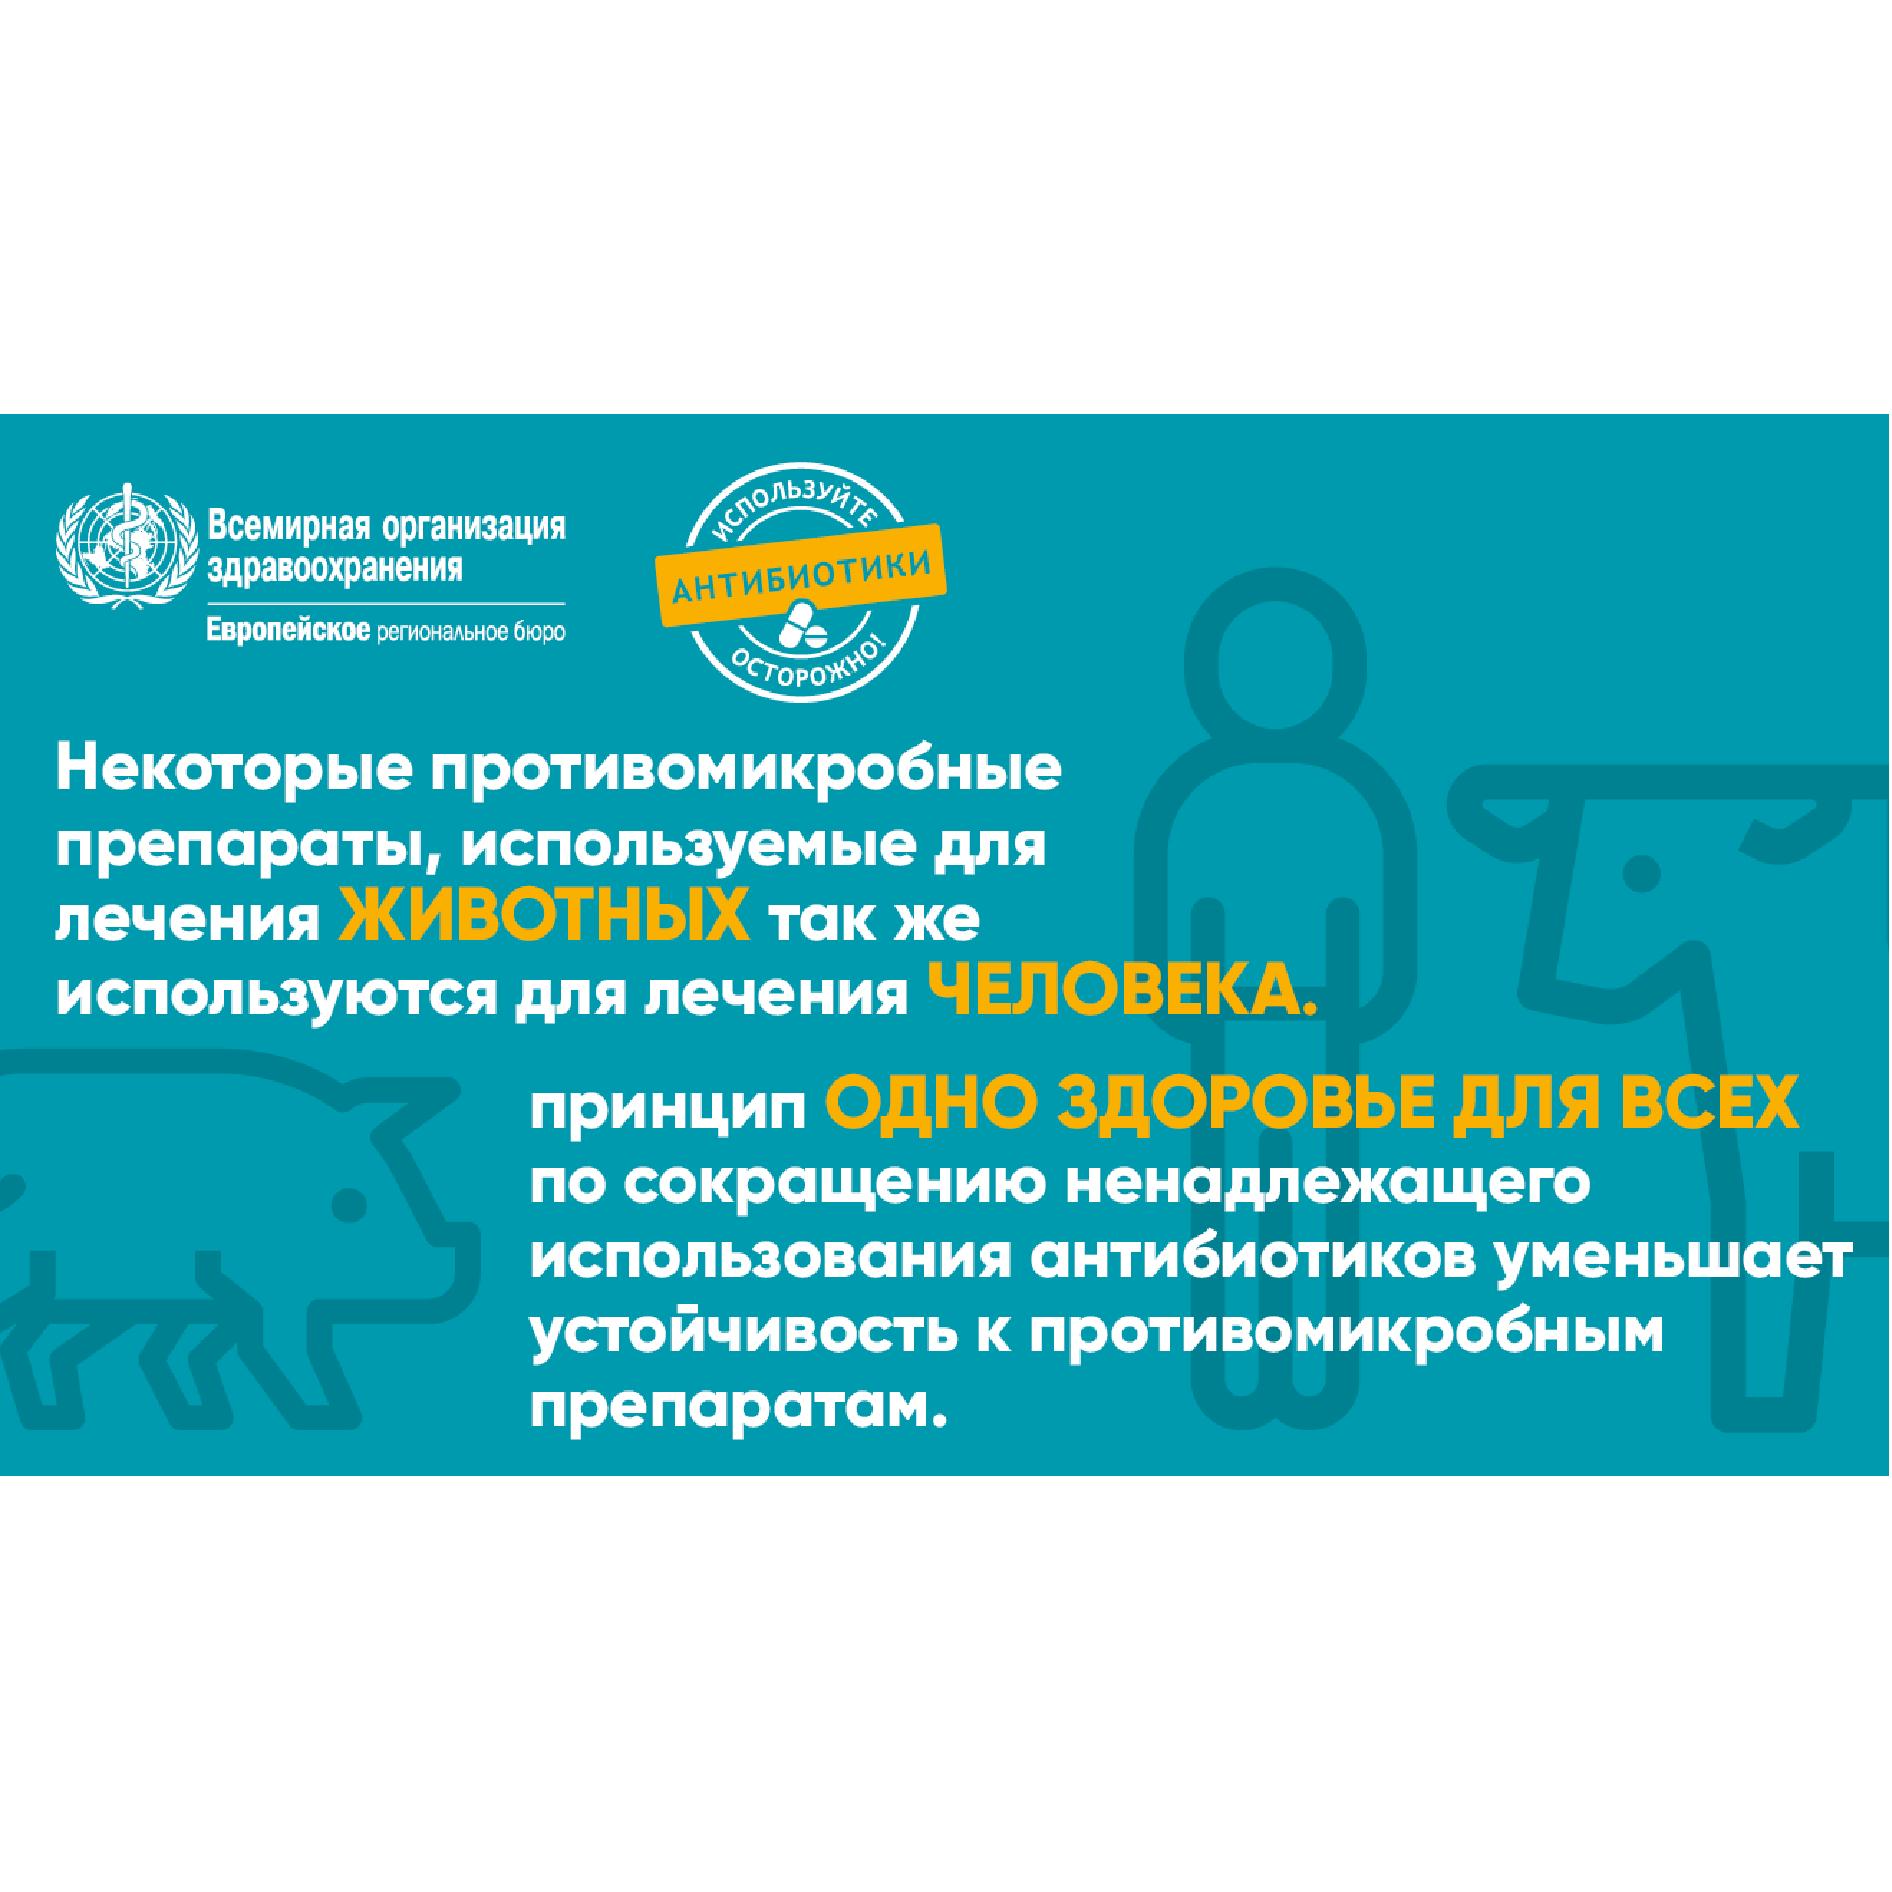 poster _единое здоровье_1